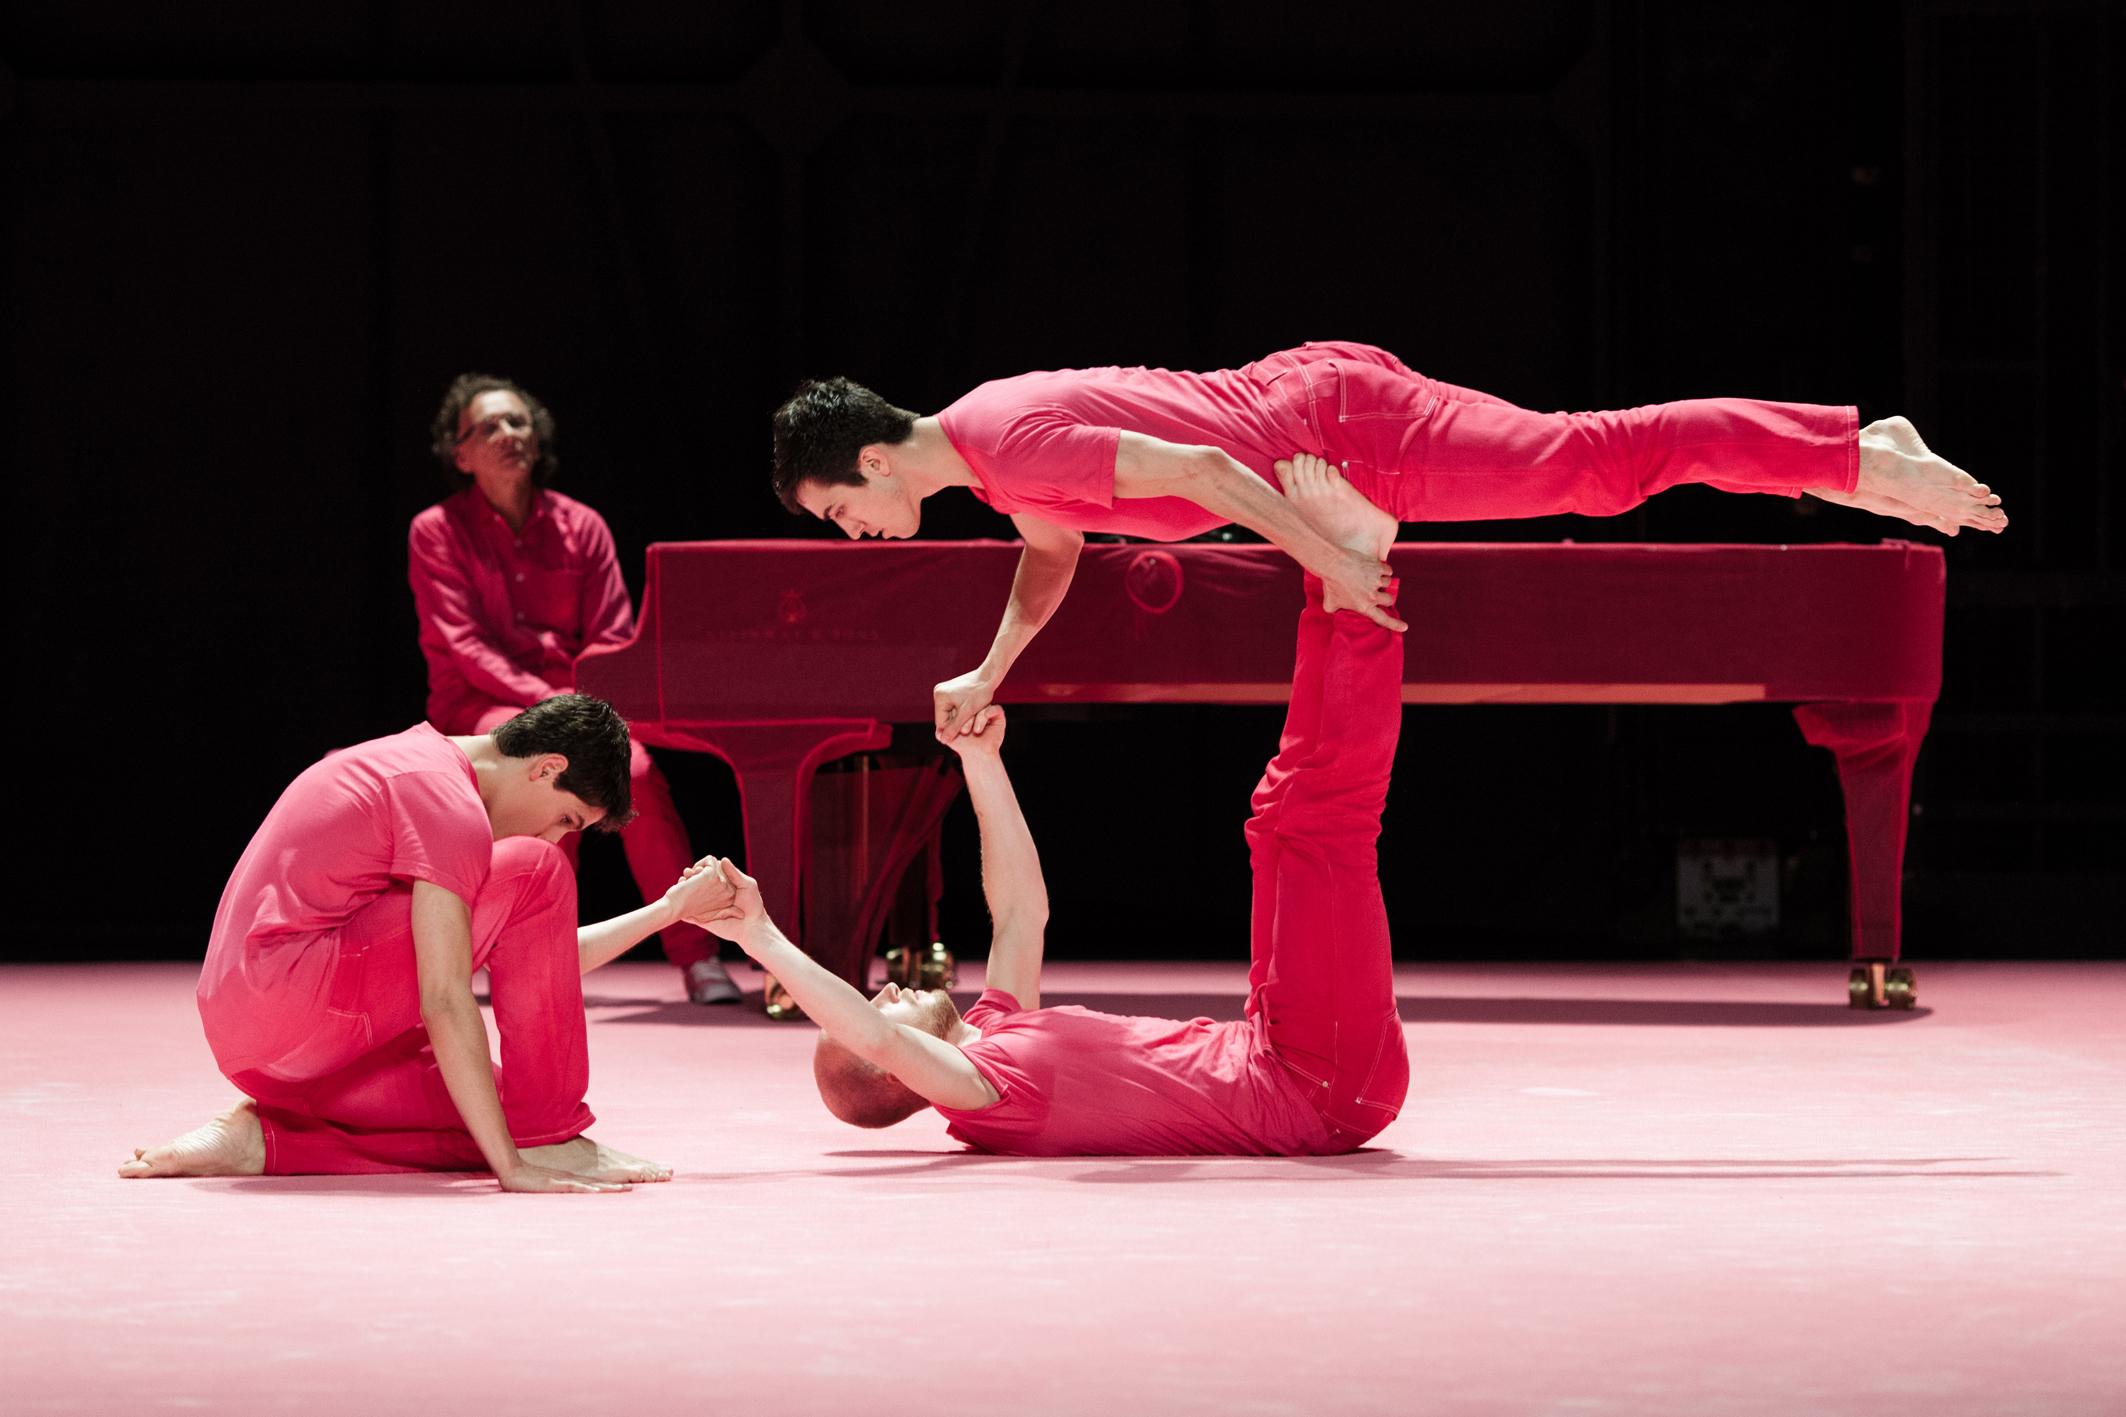 Rose-variation της Mathilde Monnier